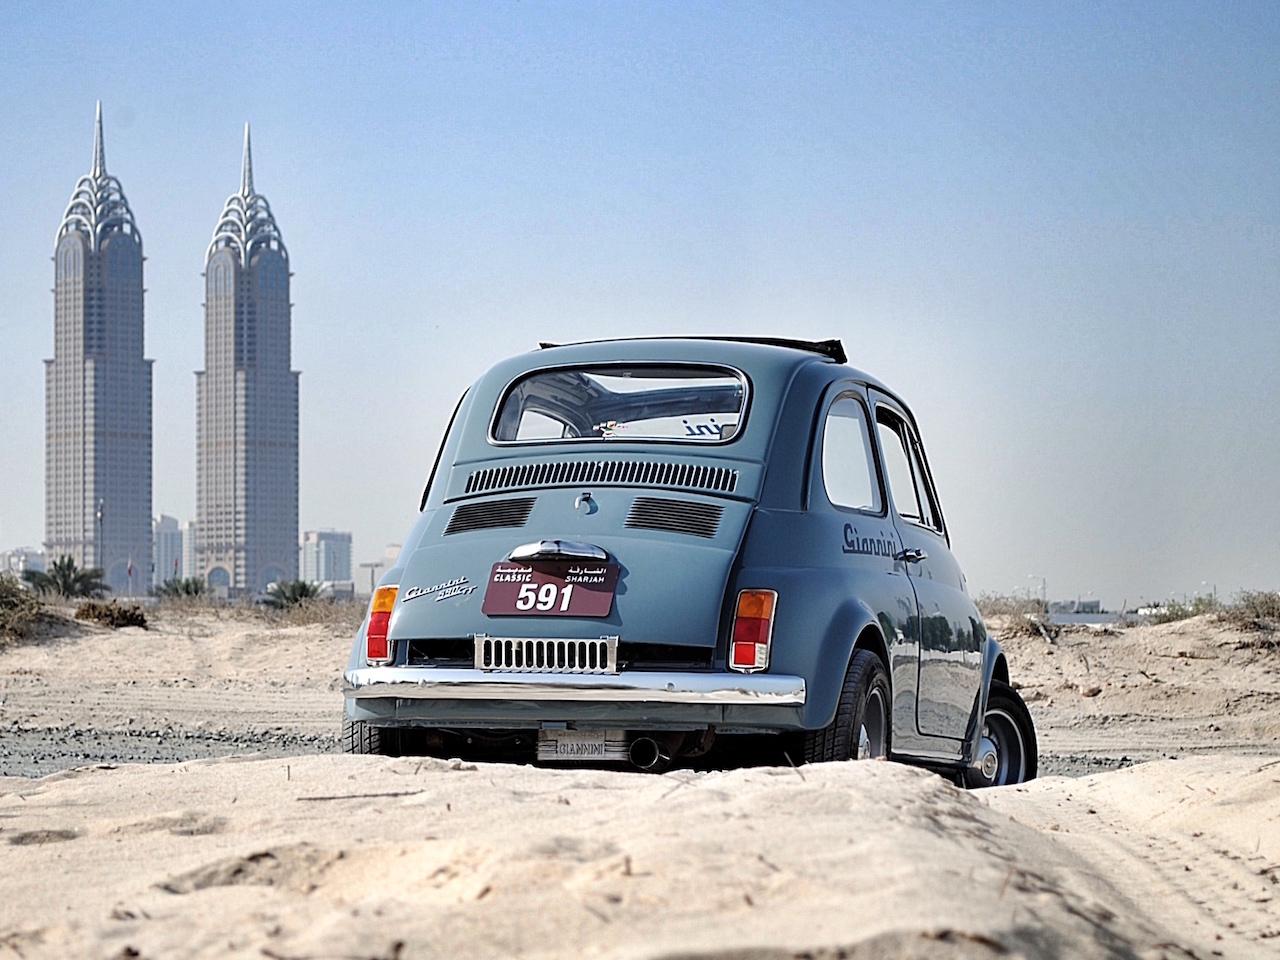 2017. Fiat 500 compie 60 anni